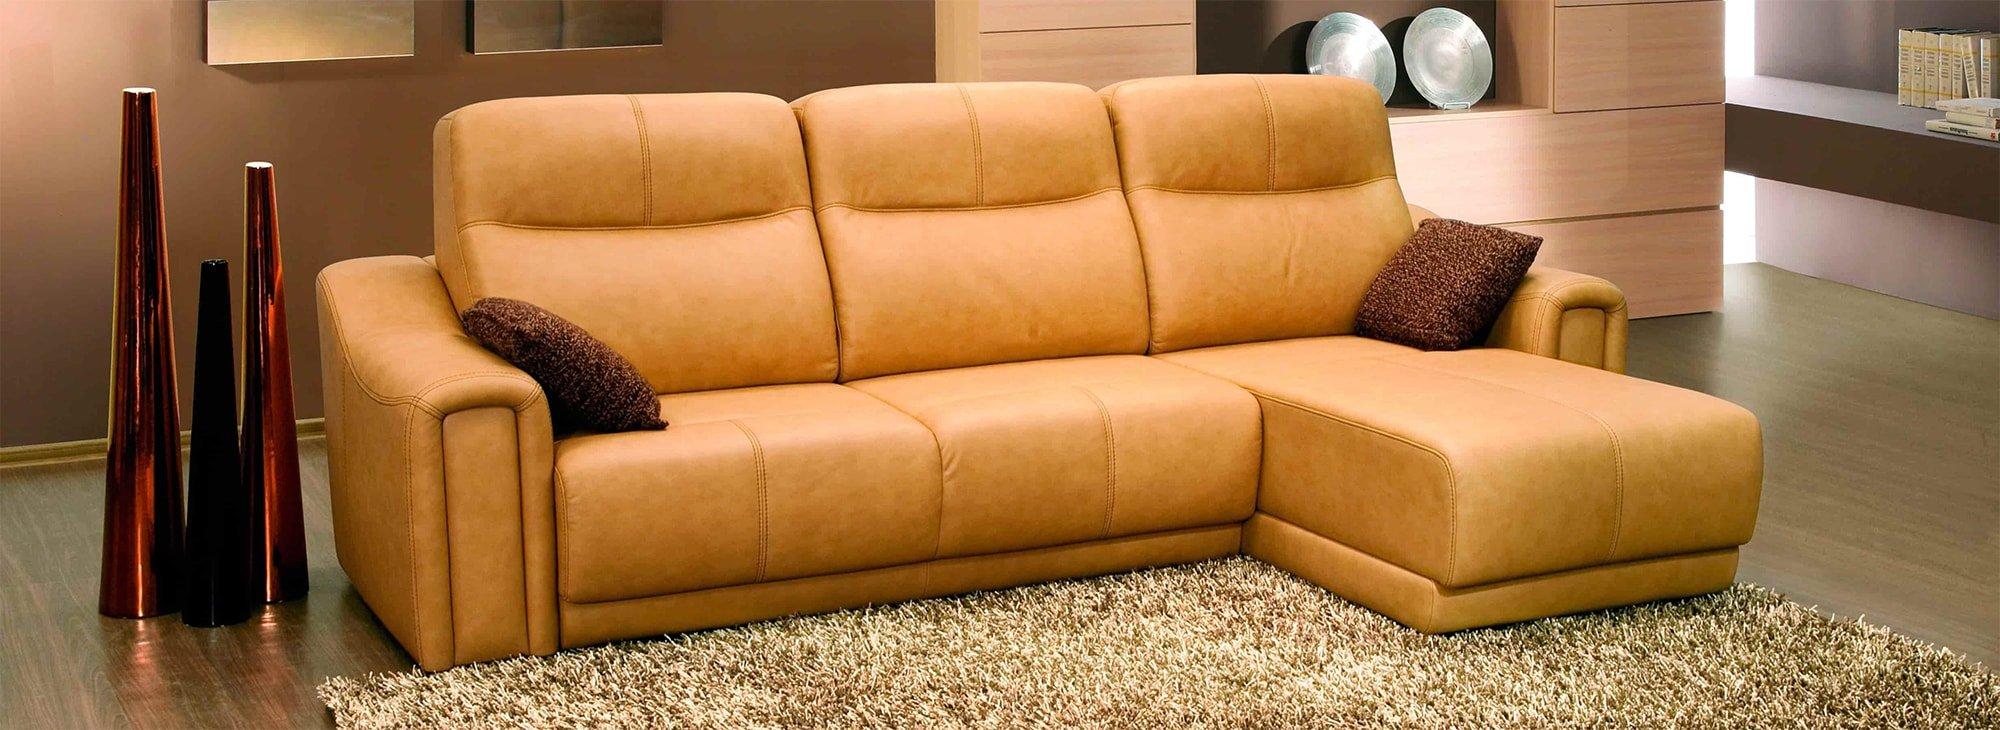 5 причин купить мебель со склада. Тонкости меблировки дома